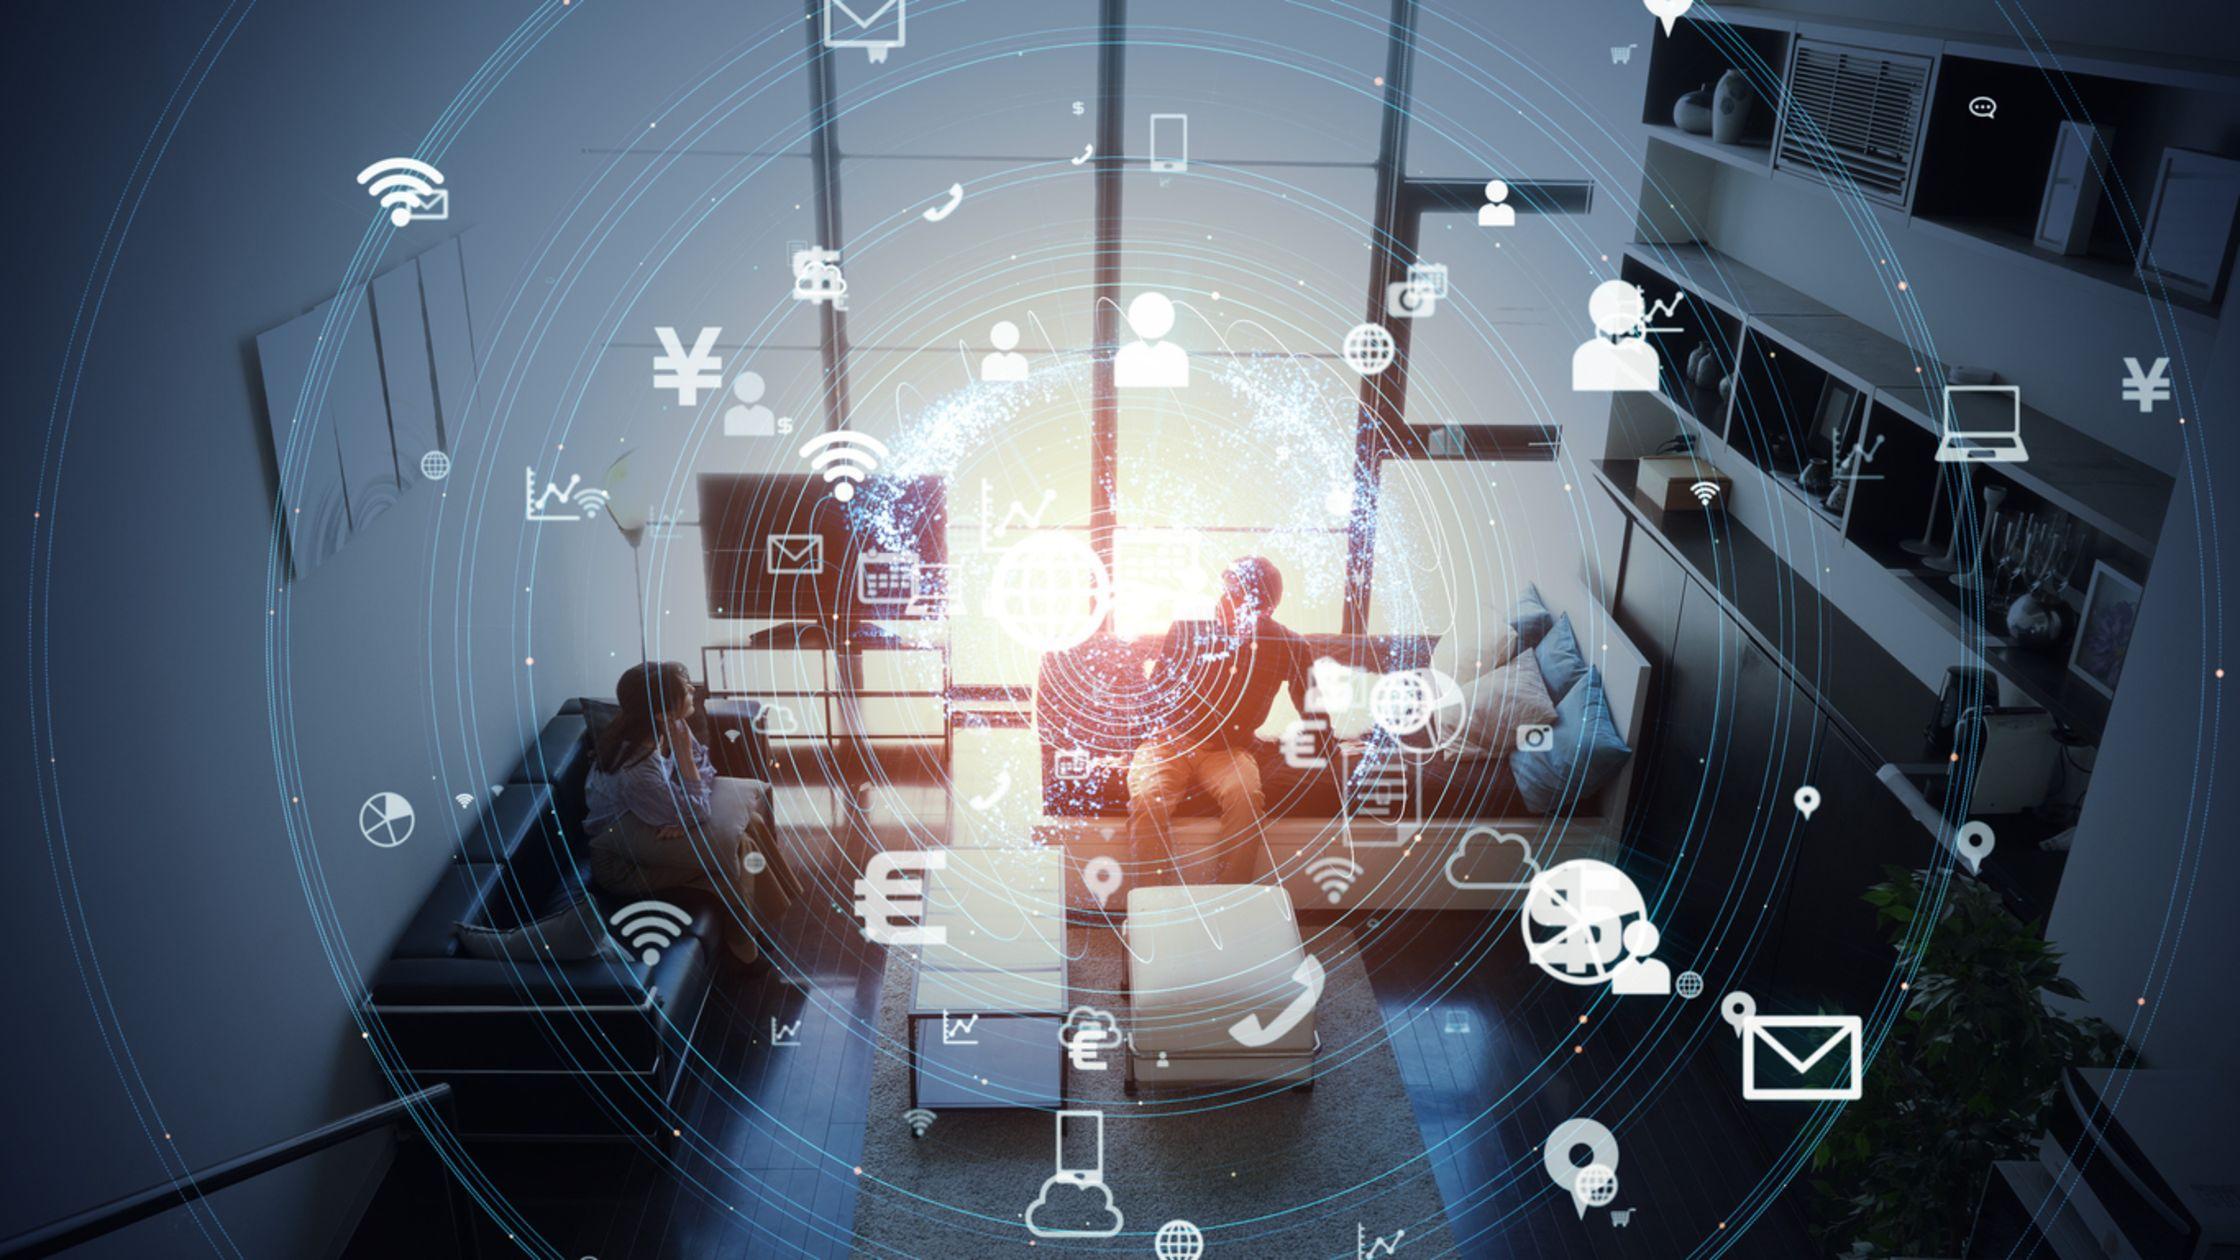 Sensortechnologie aus der schönen neuen Smarthome-Welt bringt kontextsensitives Marketing auf ein neues Level.